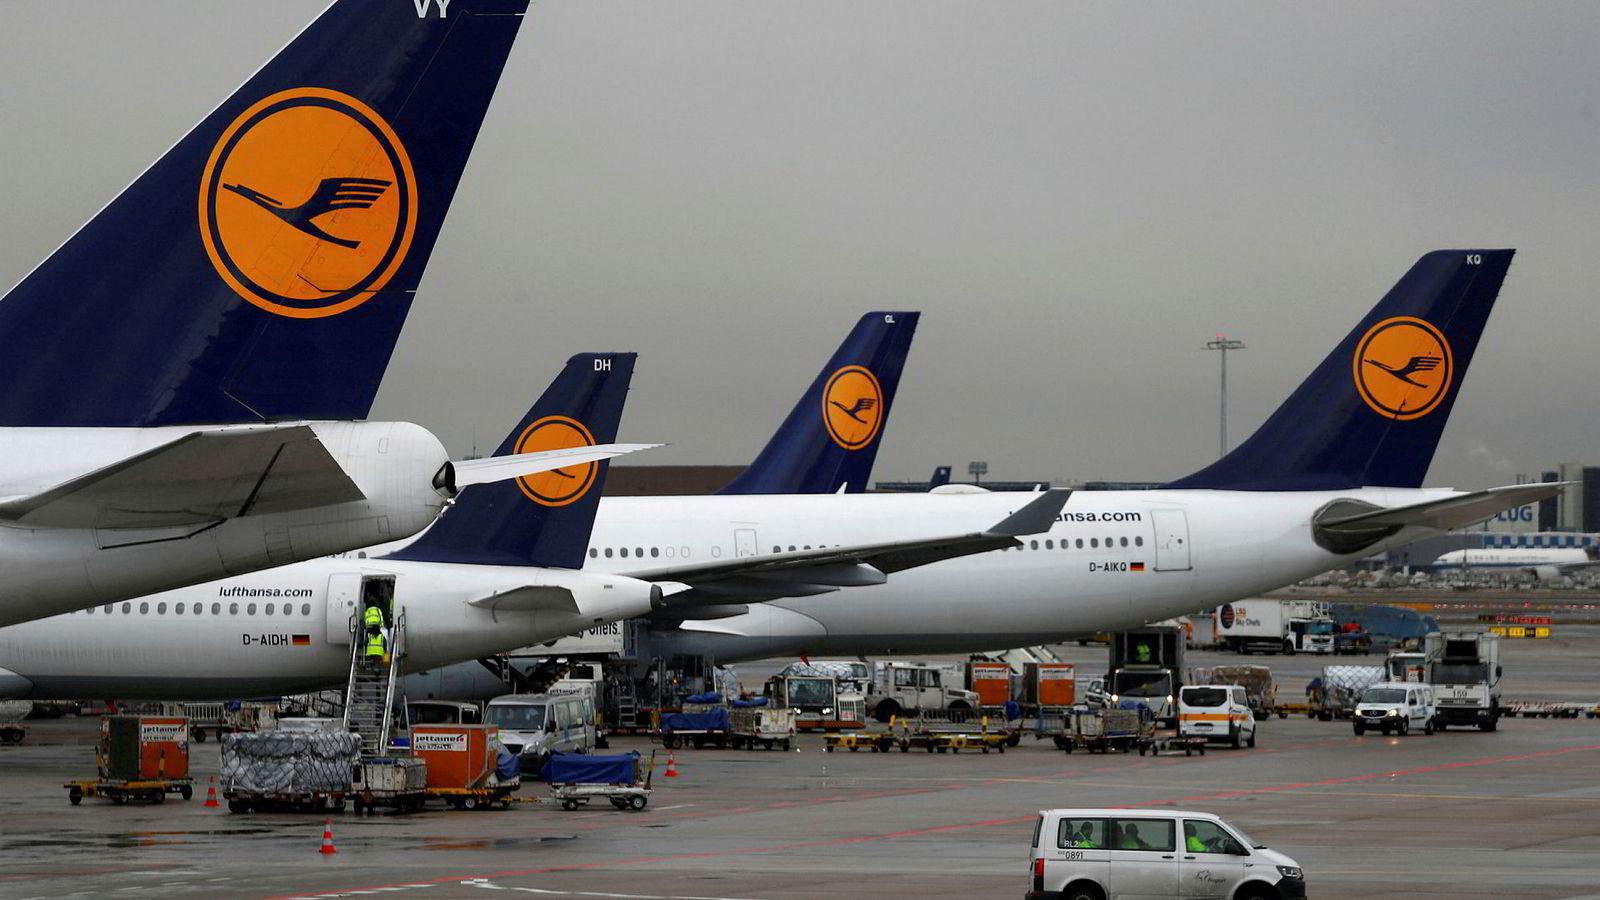 En rekke fly fra det tyske flyselskapet Lufthansa står parkert på Frankfurt flyplass i Tyskaldn.